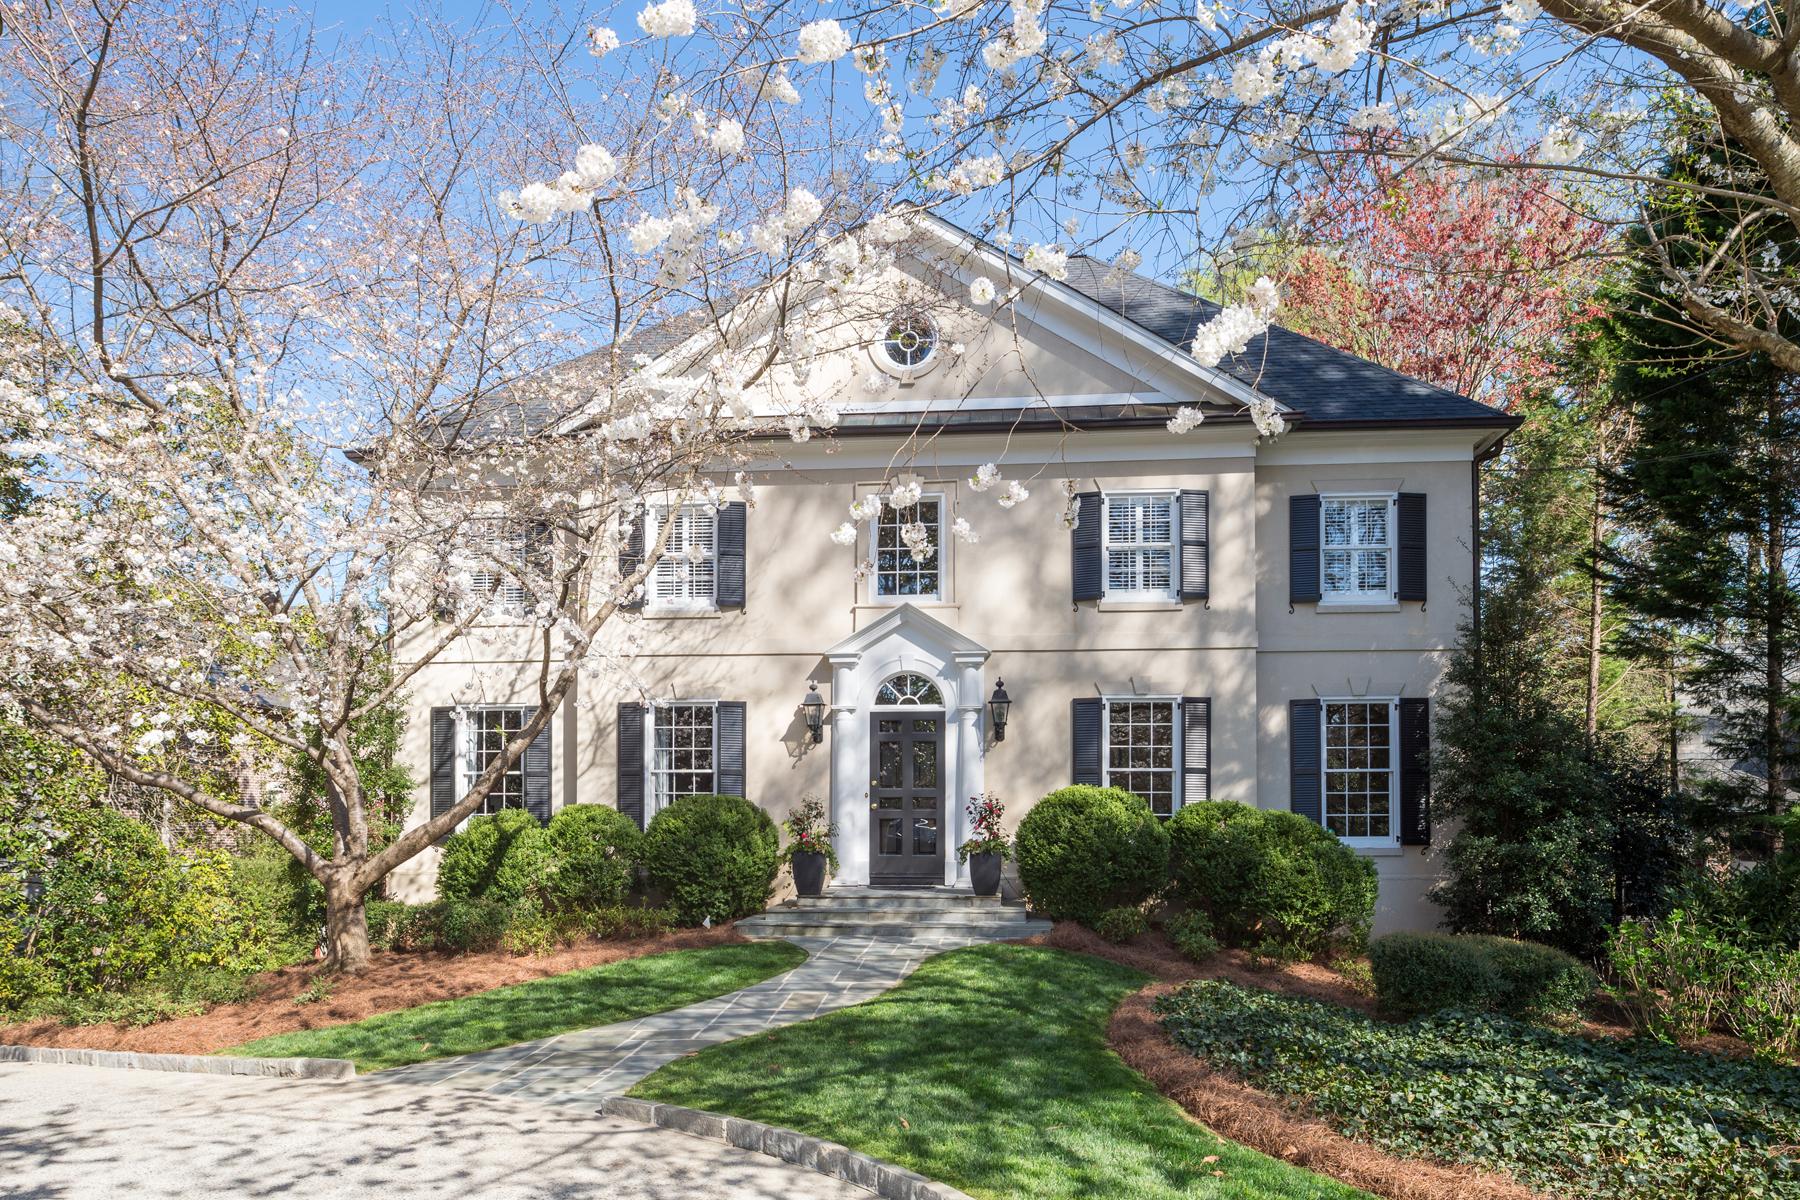 一戸建て のために 売買 アット Timeless Buckhead Classic 2845 Arden Road Buckhead, Atlanta, ジョージア, 30327 アメリカ合衆国